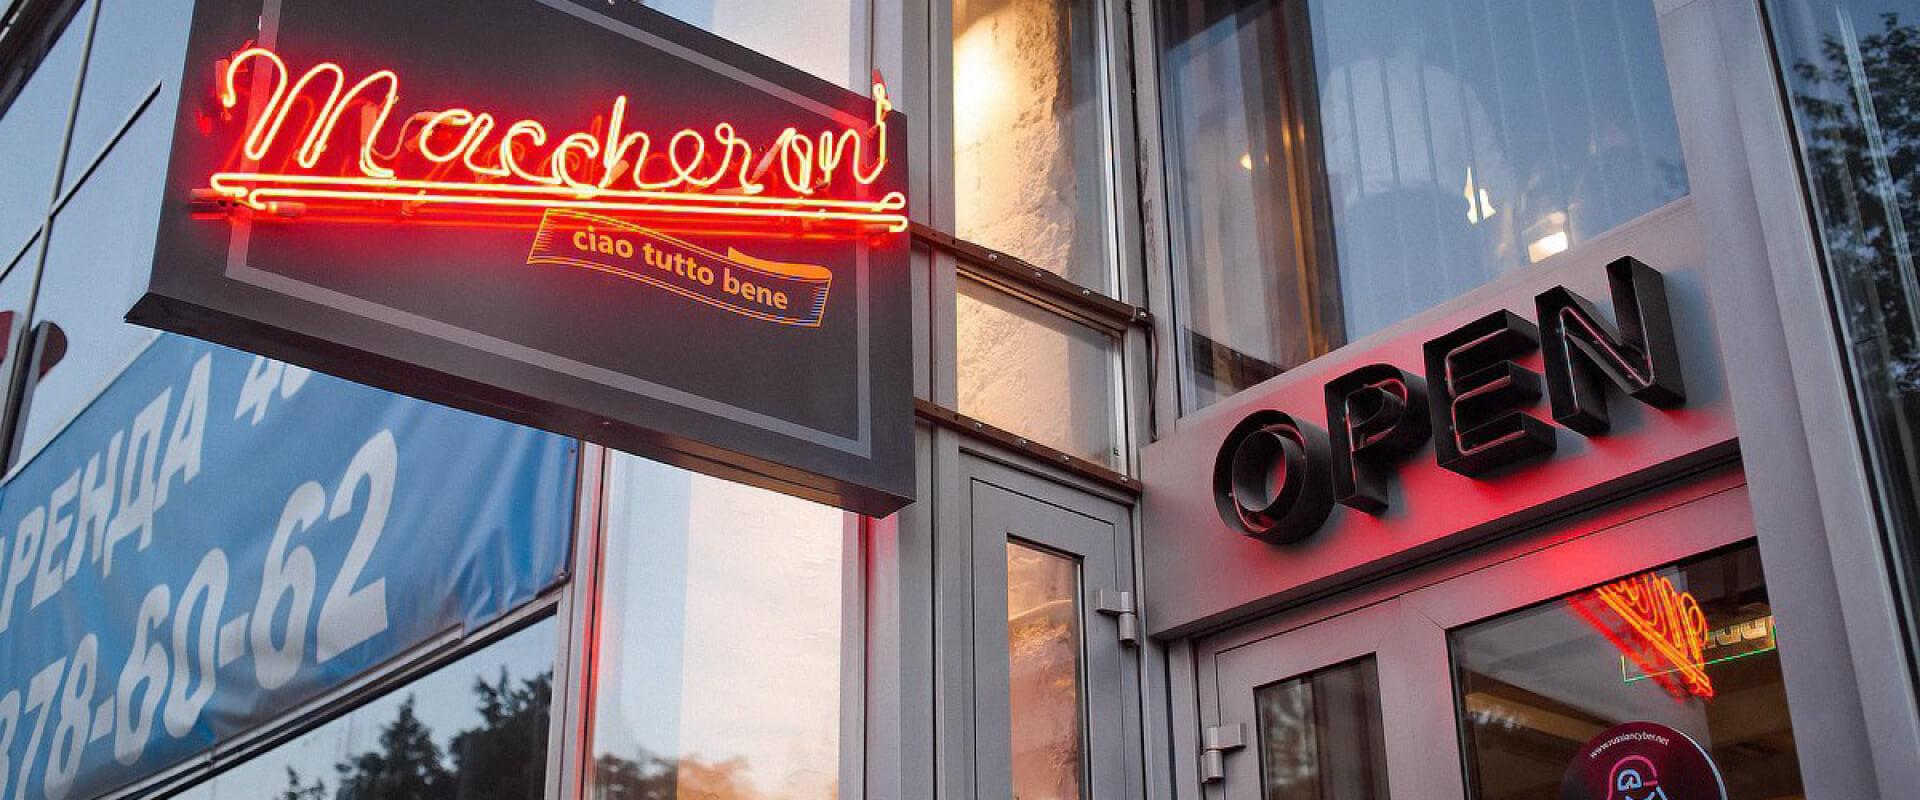 Ресторан Maccheroni в Екатеринбурге. Куда сходить в Екатеринбурге